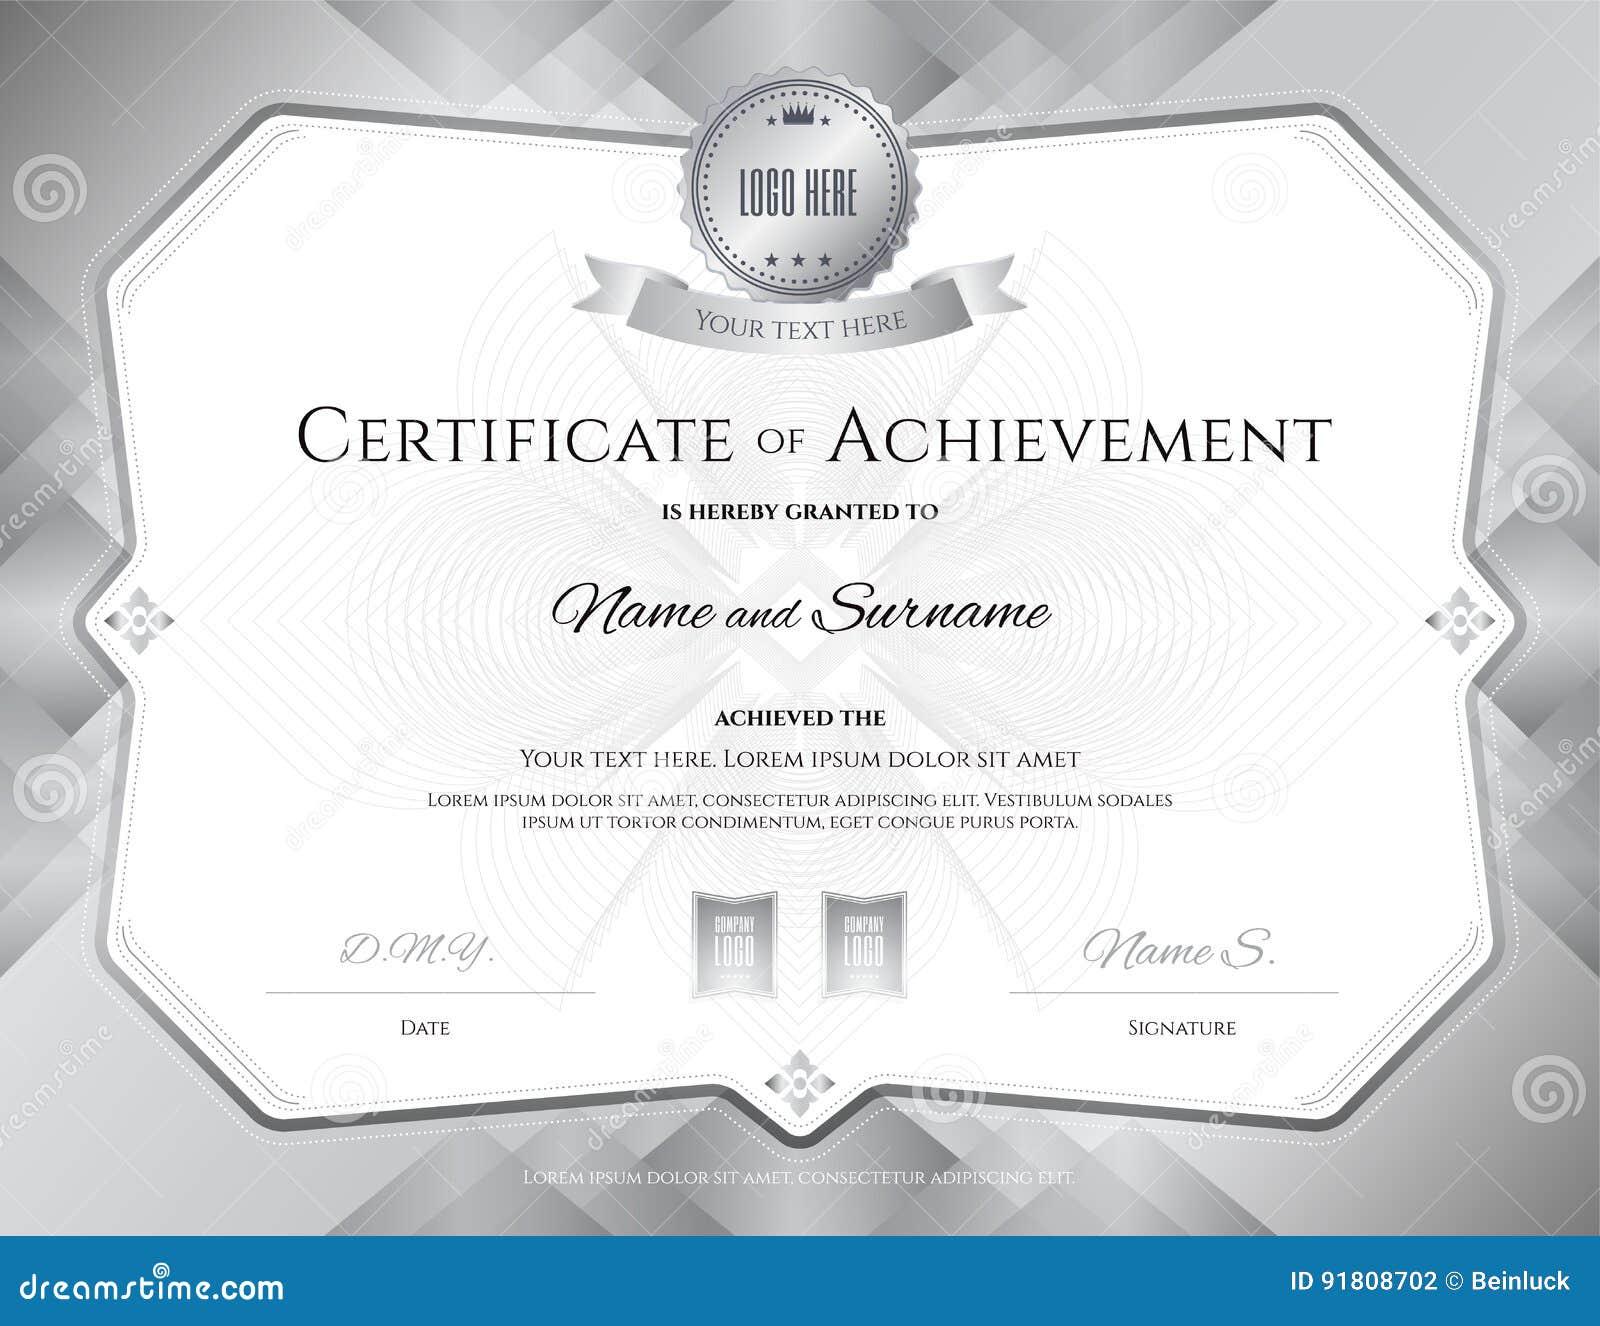 Increíble Plantilla De Certificado De Premio De Logro Ideas ...